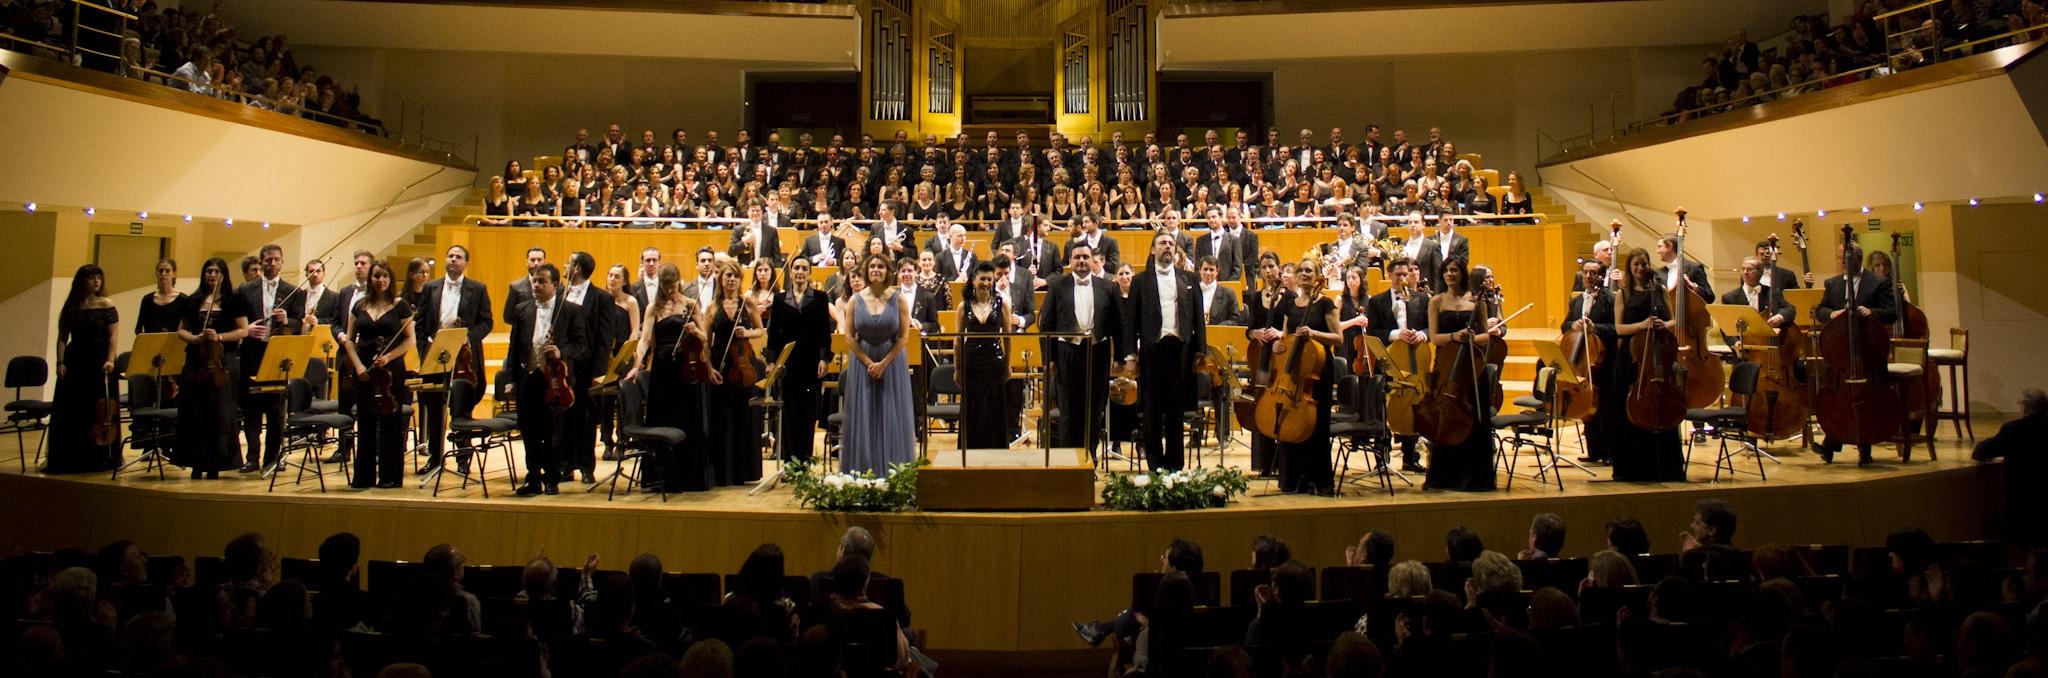 La Orquesta Metropolitana interpretará a Músorgski y Prokófiev